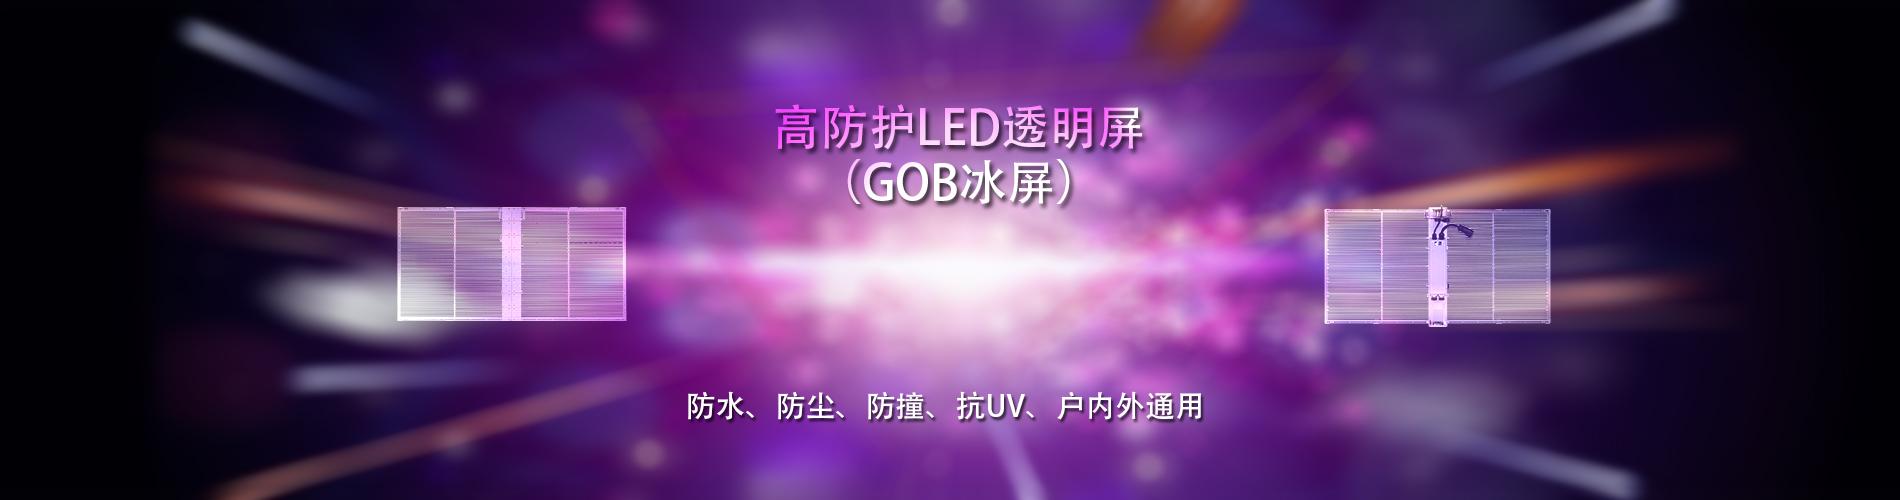 北京led透明显示屏